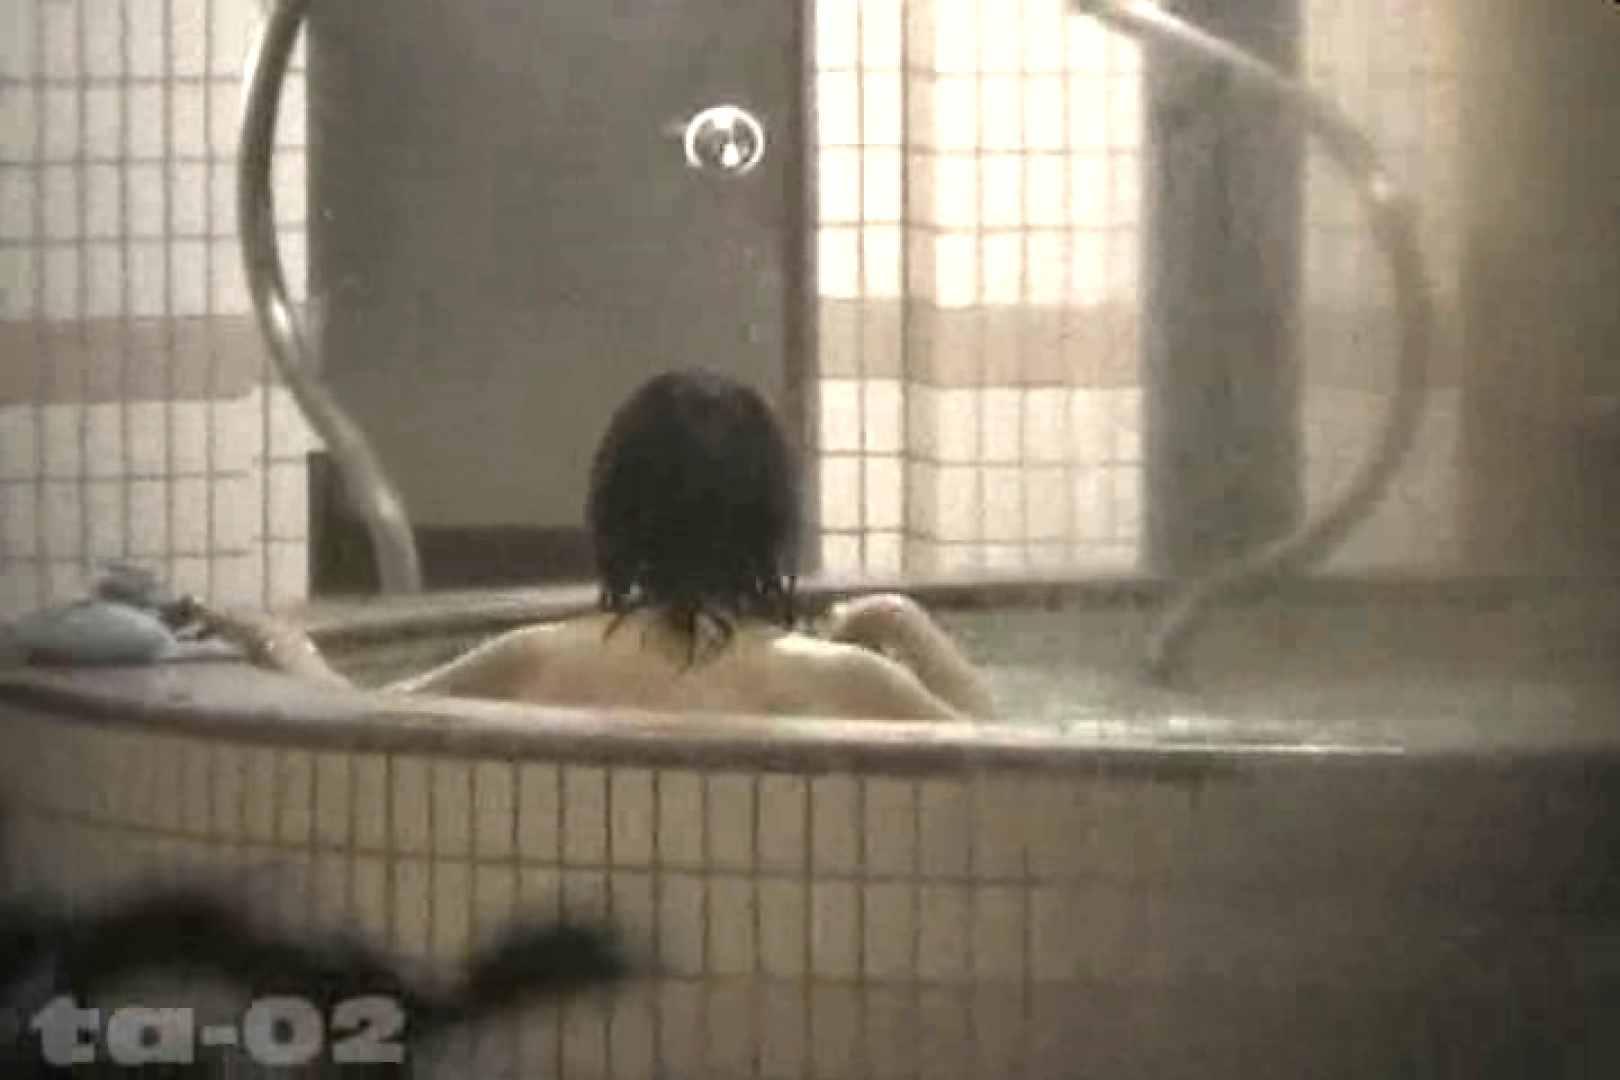 合宿ホテル女風呂盗撮高画質版 Vol.02 盗撮・必見 おまんこ無修正動画無料 78画像 57